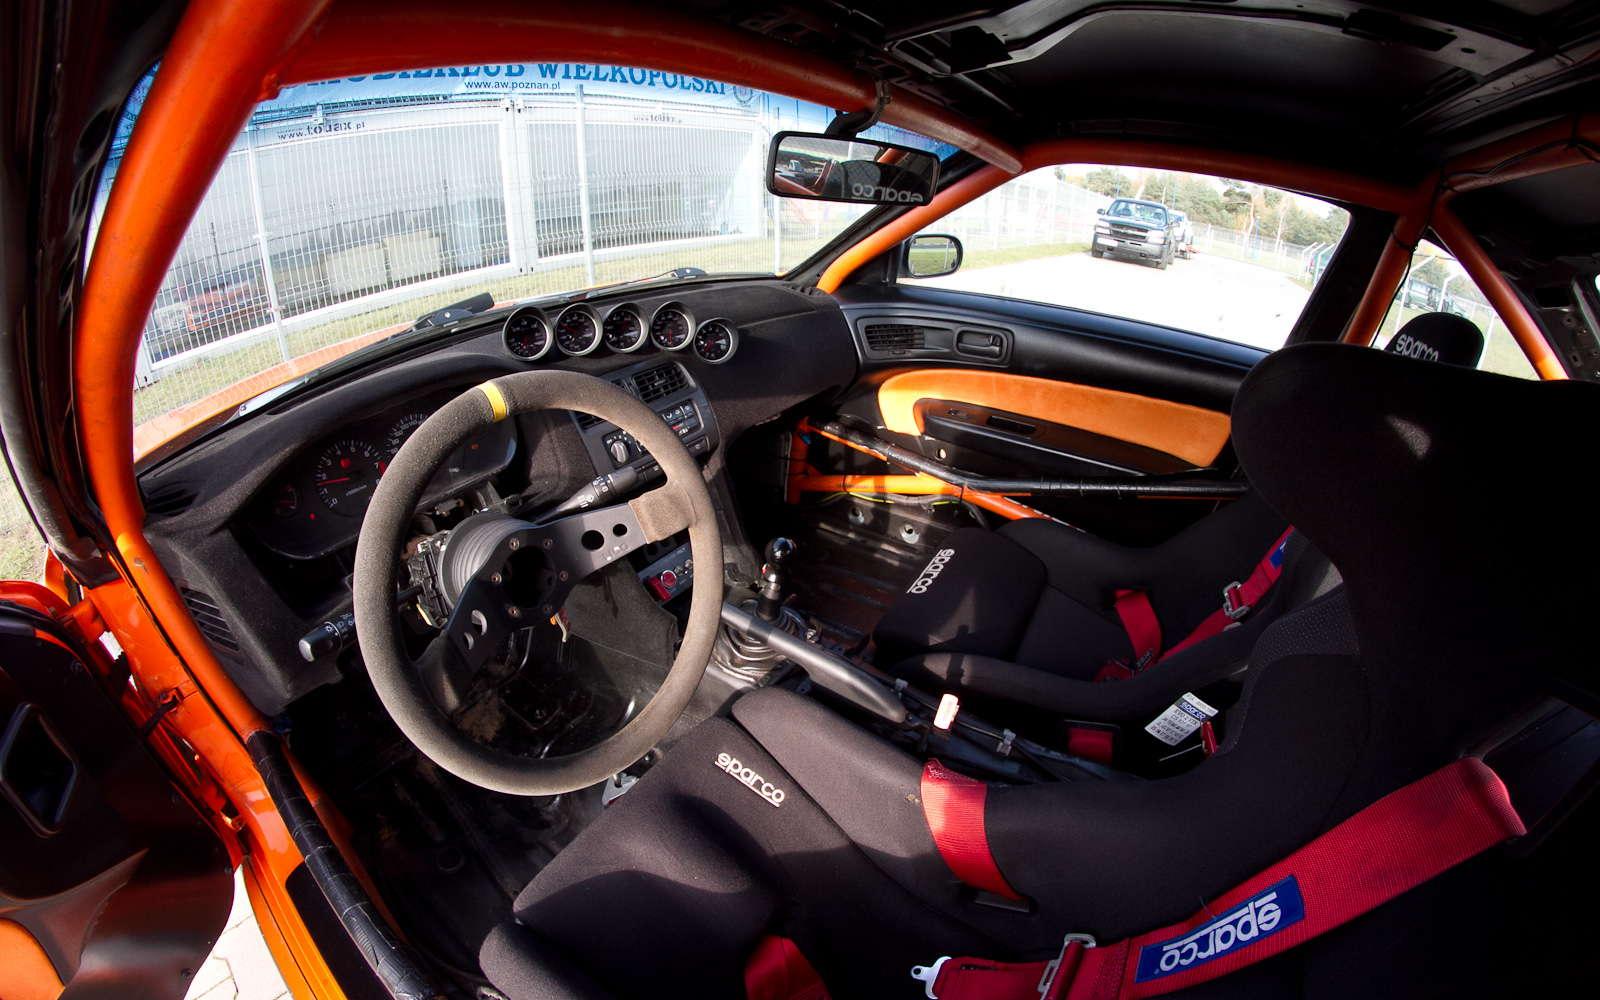 Szkoleniowy Nissan S14a PRO DRIFT SPEC fot.: Adam Zandecki